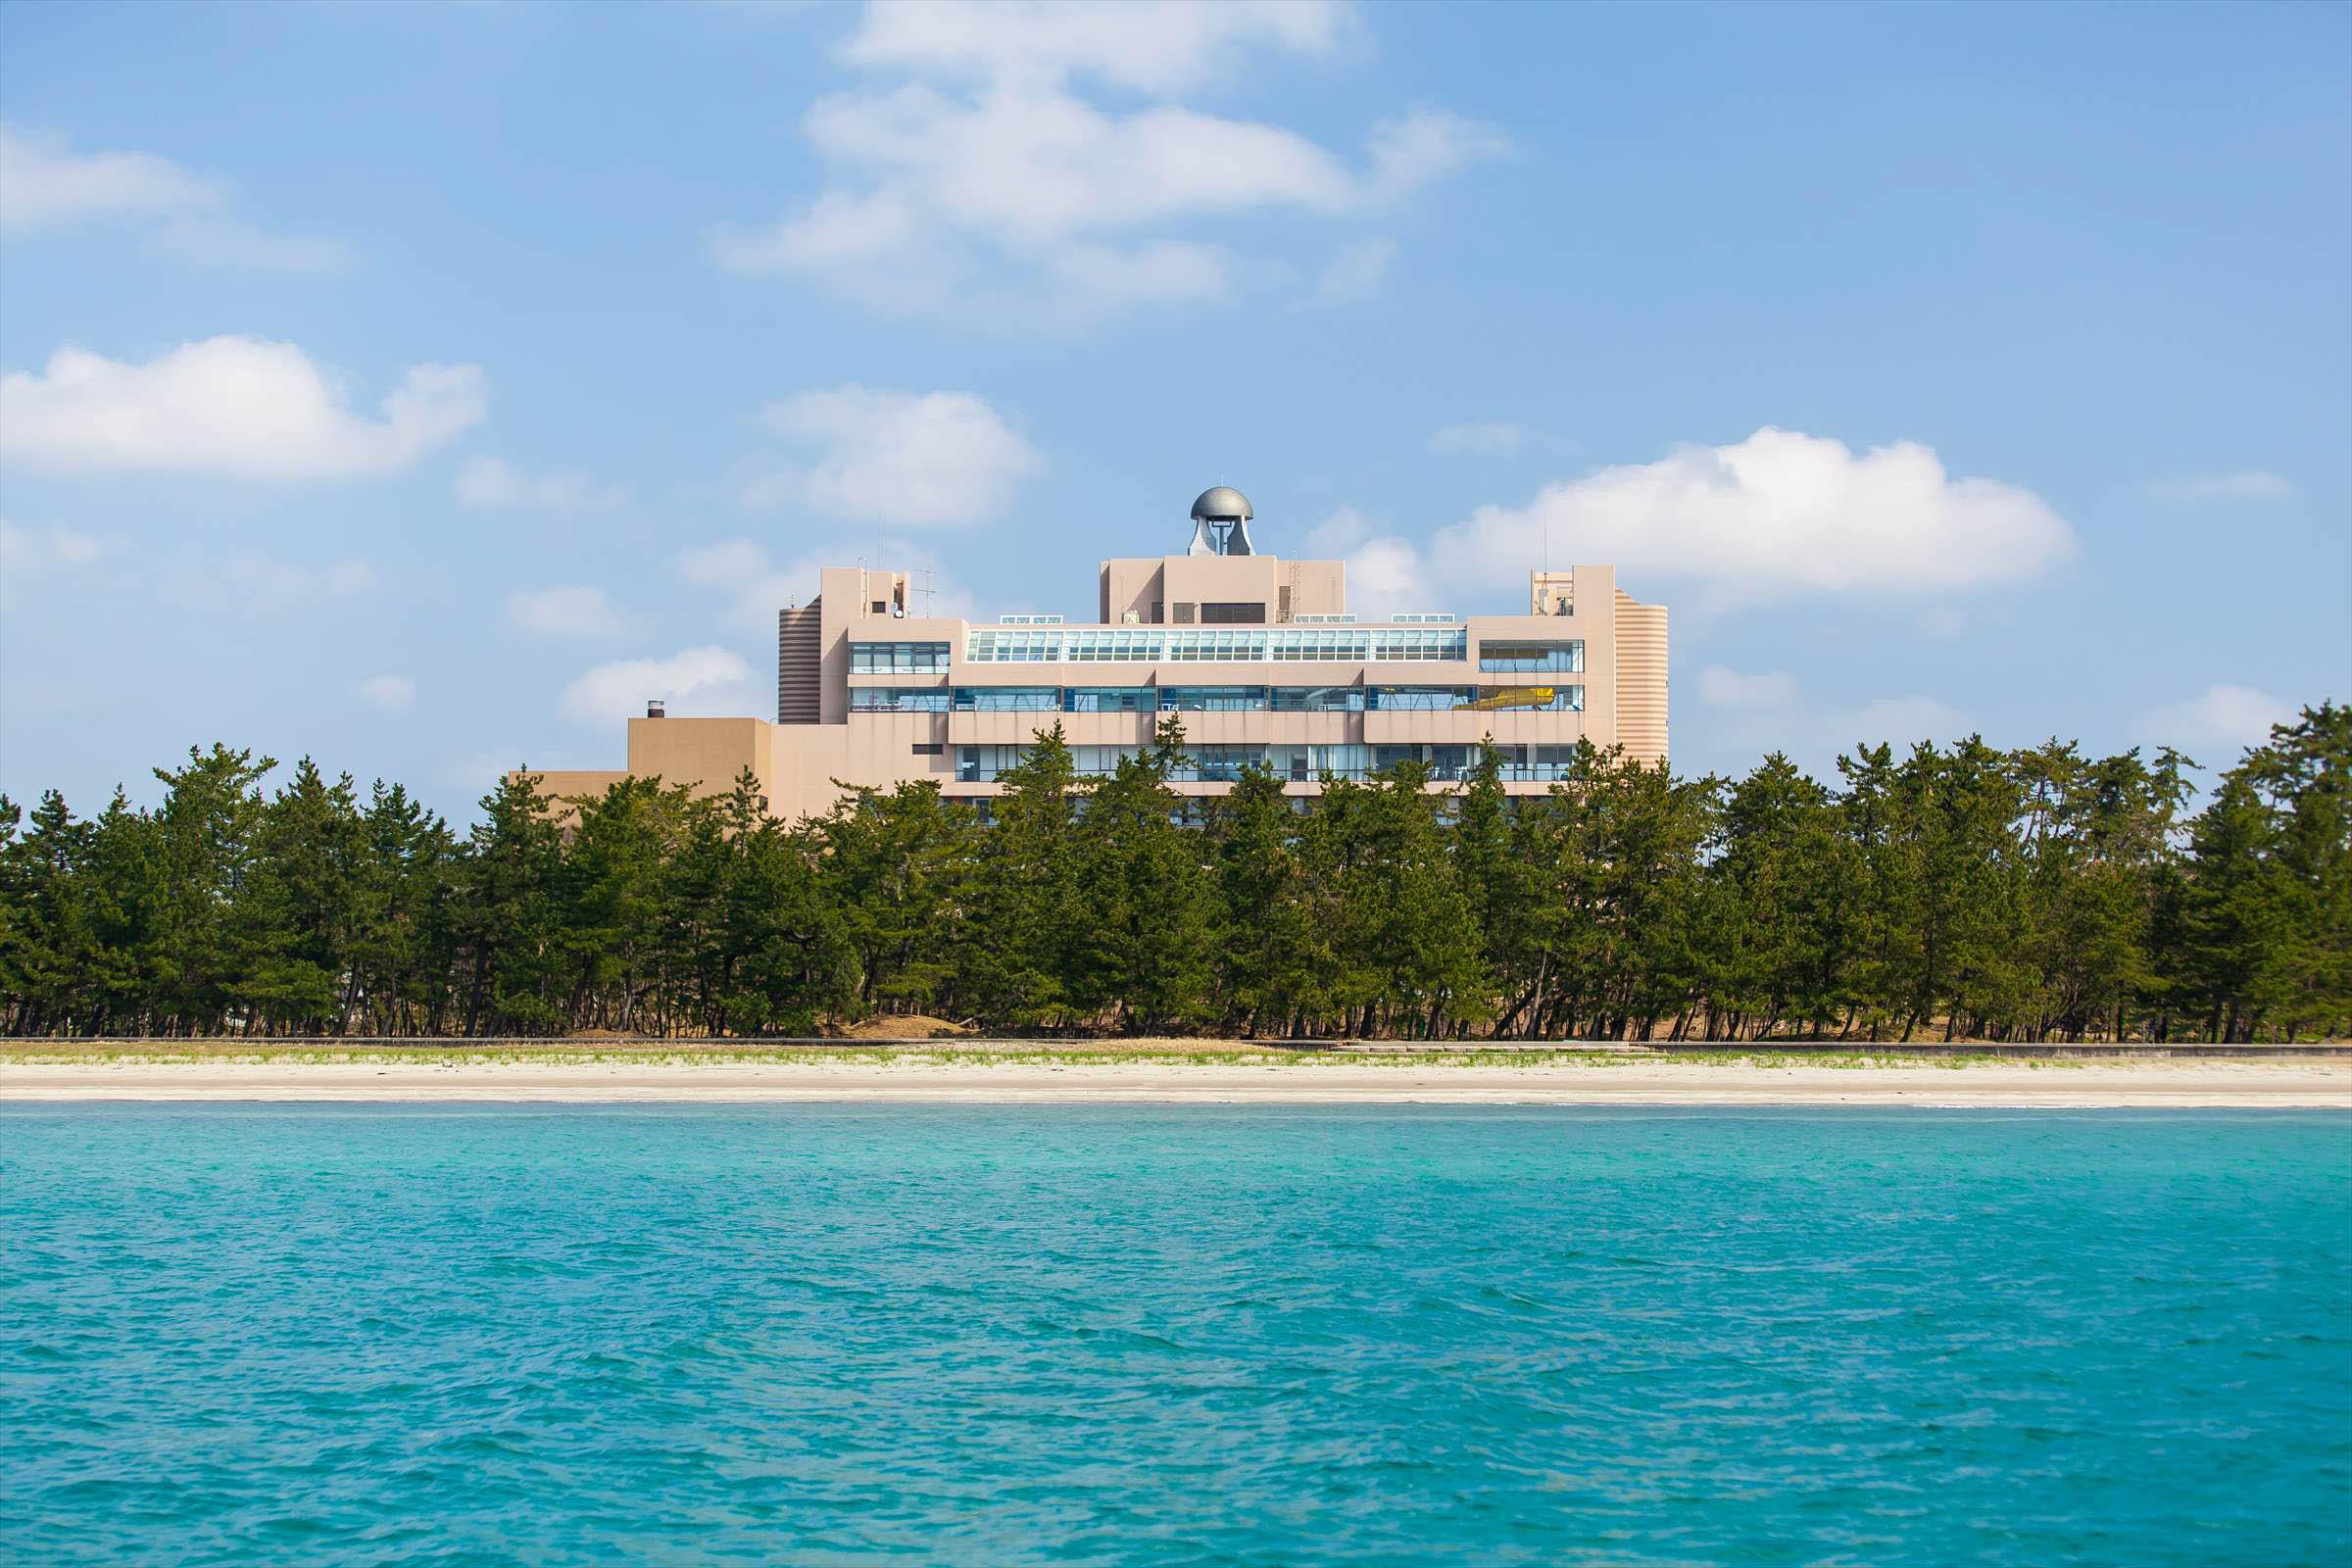 能登半島の最先端<br>日本の渚百選に選ばれたビーチを望むリゾートホテル